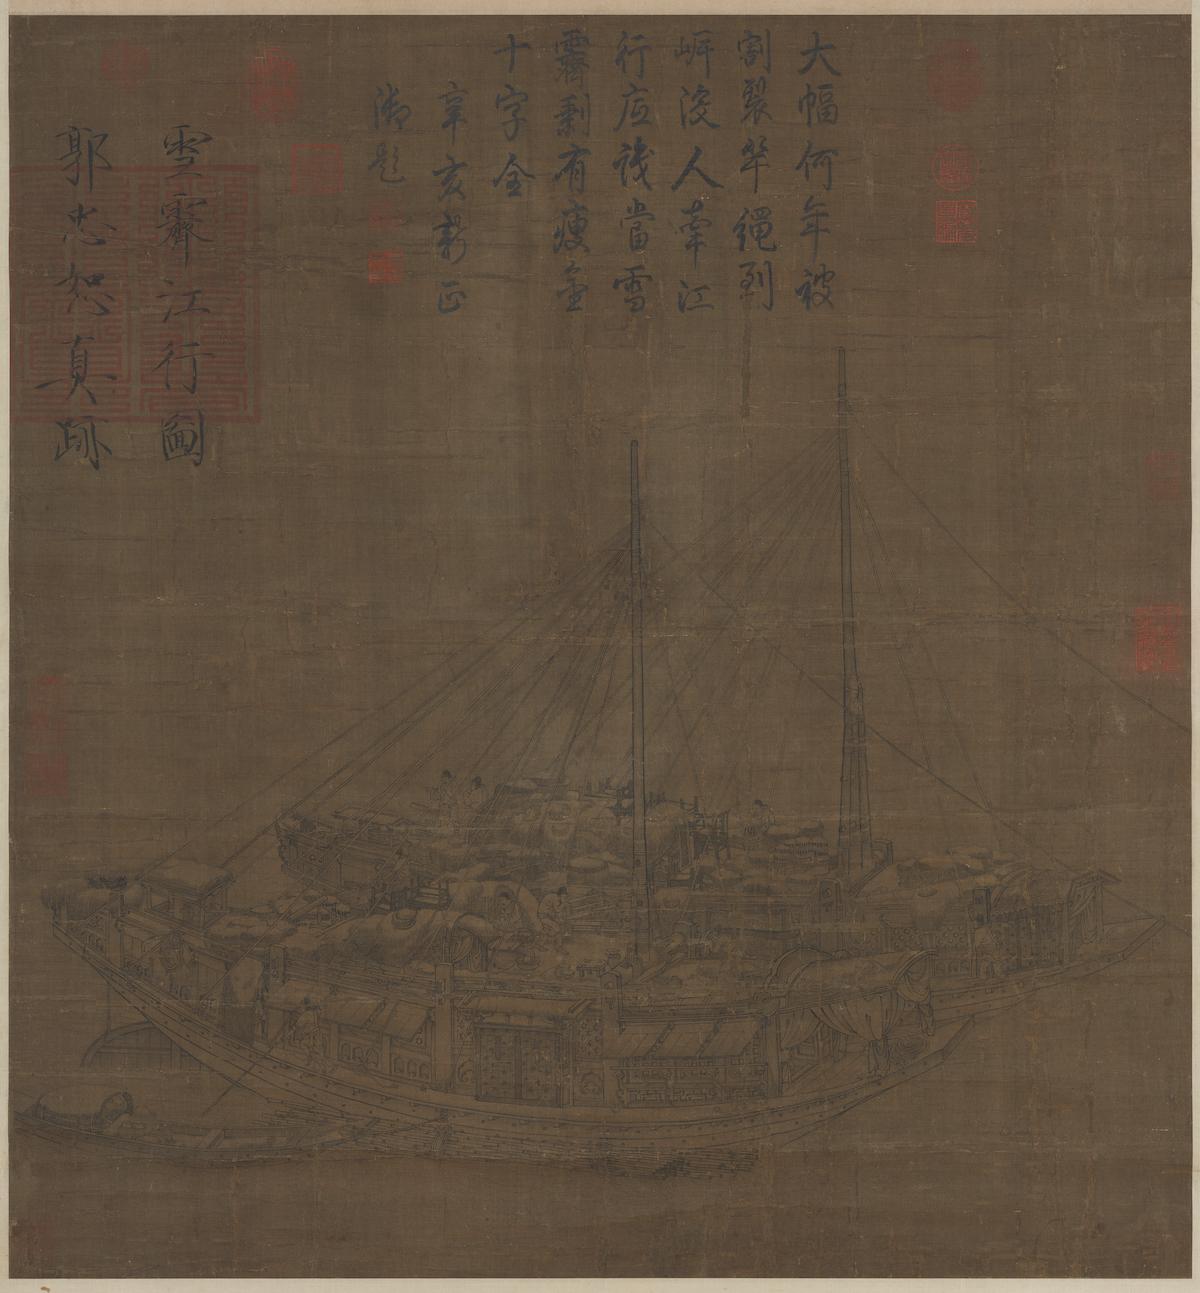 宋 郭忠恕《雪霁江行图》台北故宫博物院藏